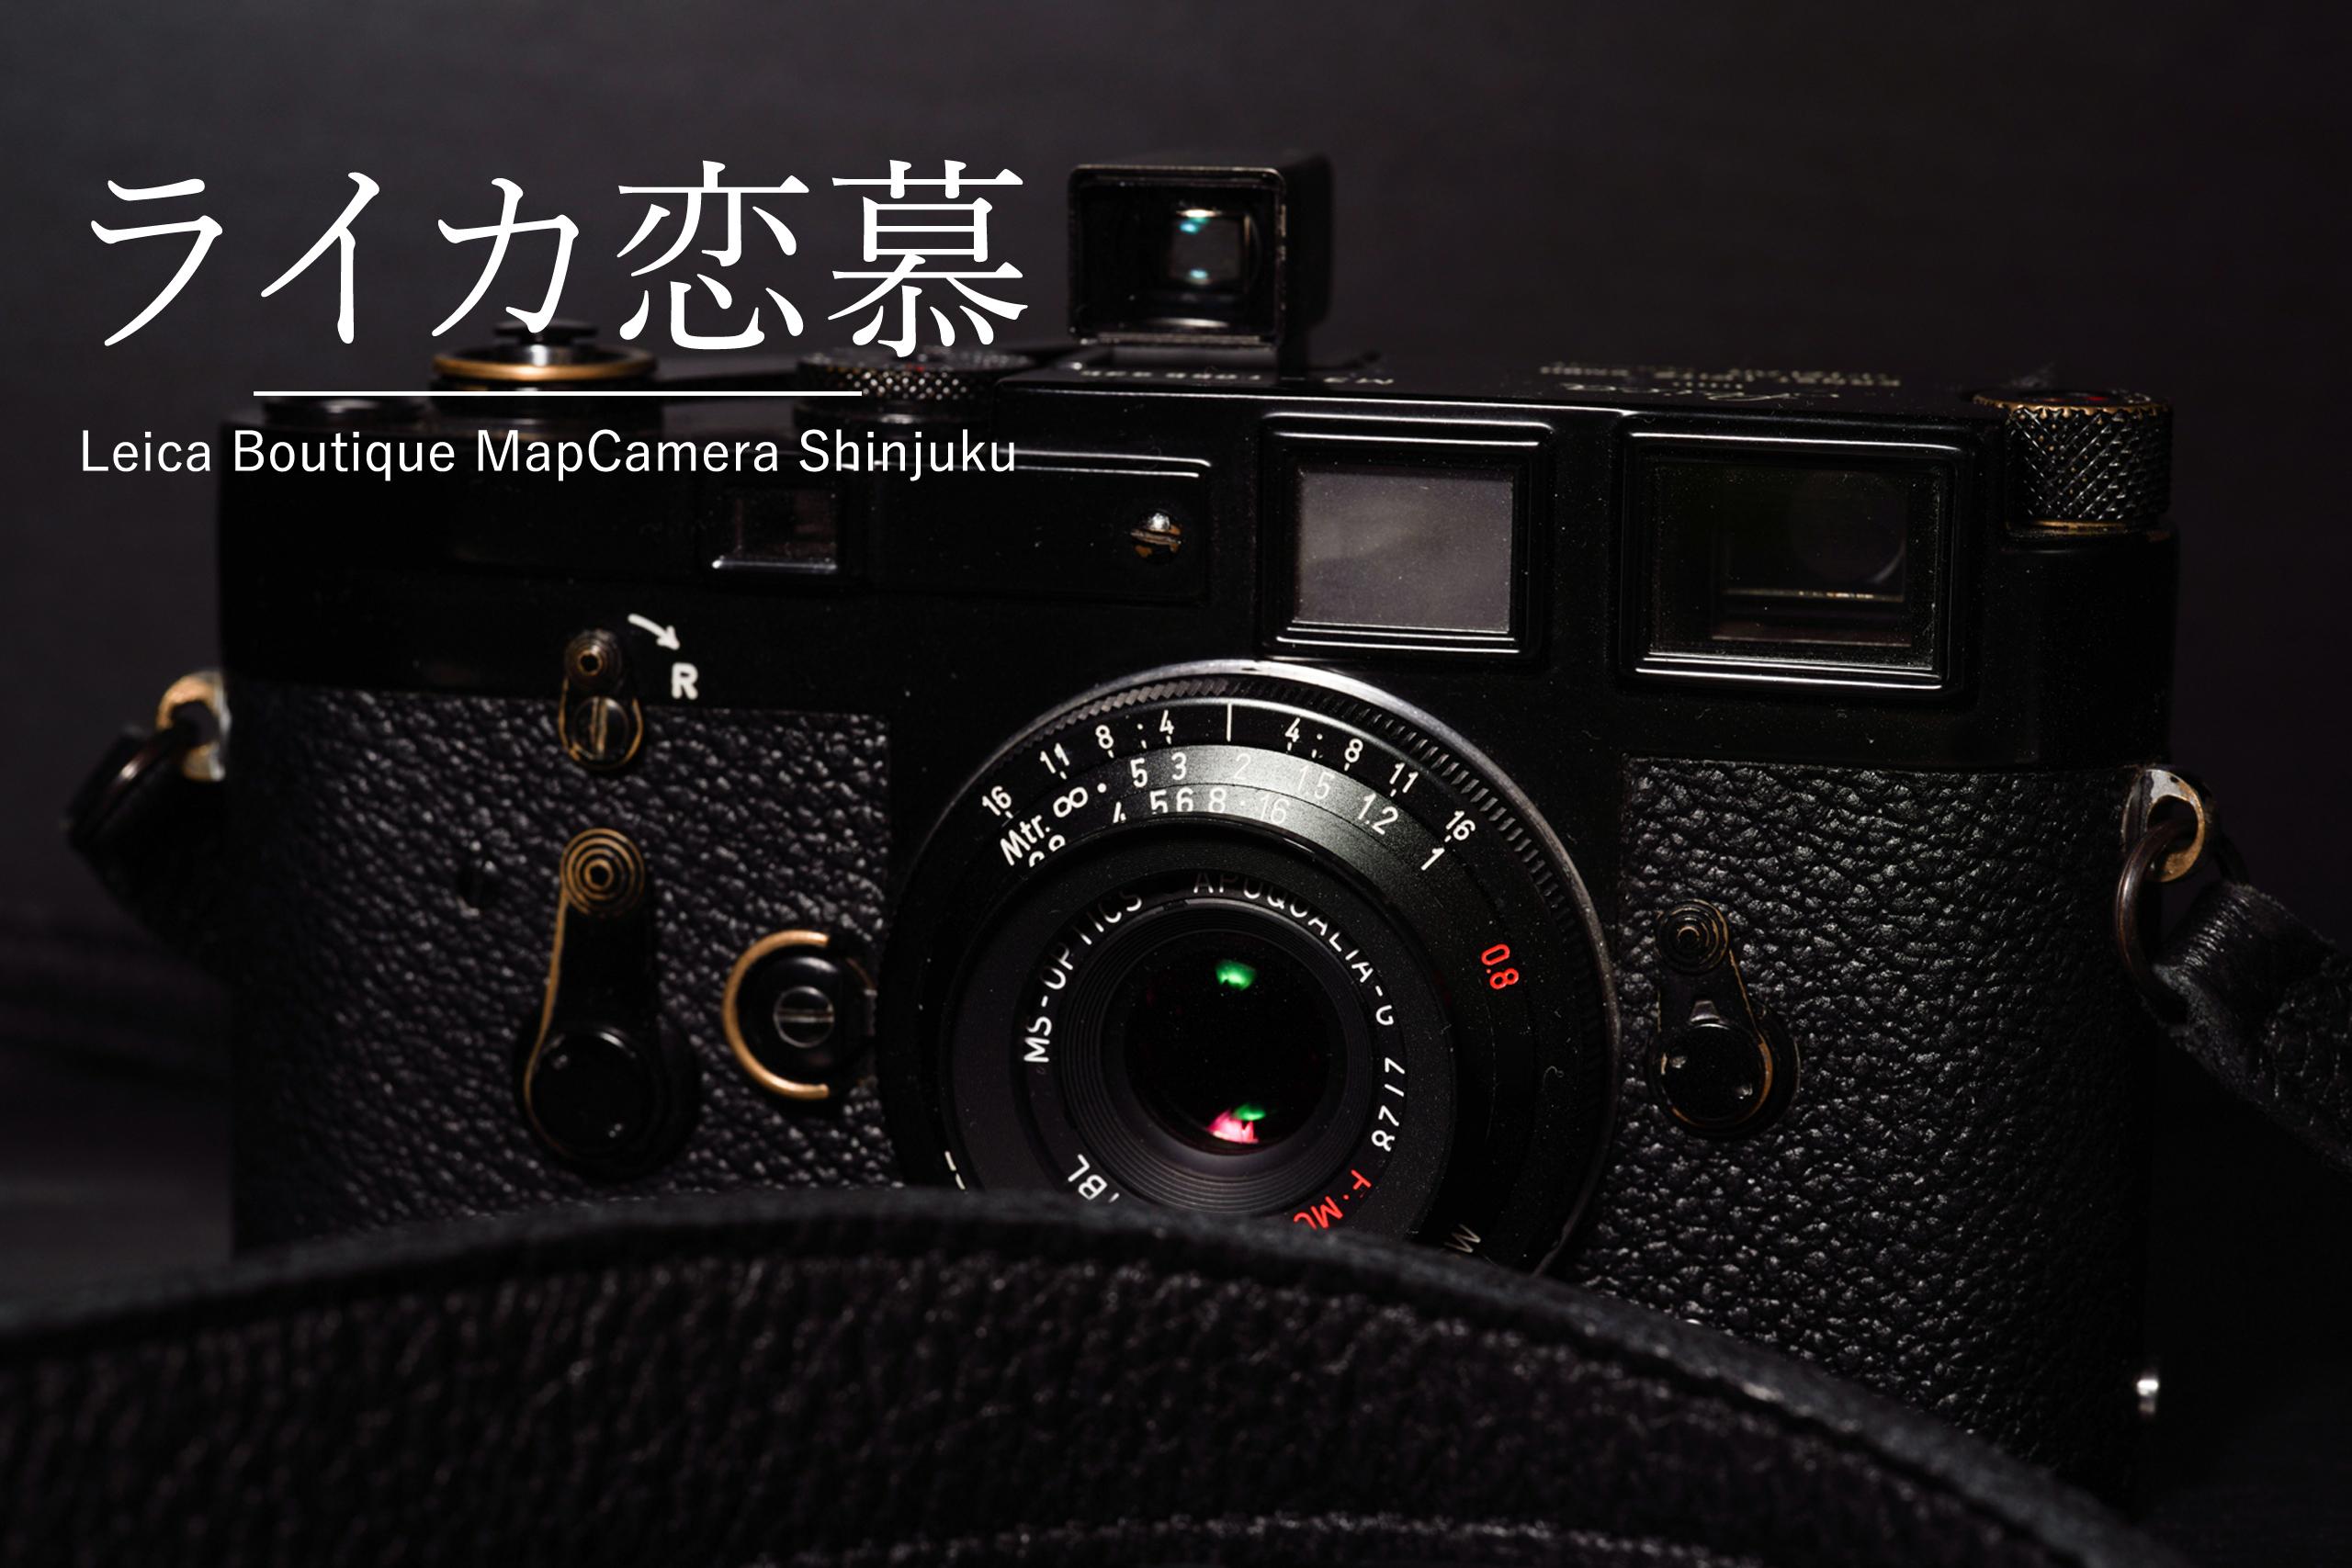 【Leica Boutique MapCamera Shinjuku 8th】私のM3ブラック愛